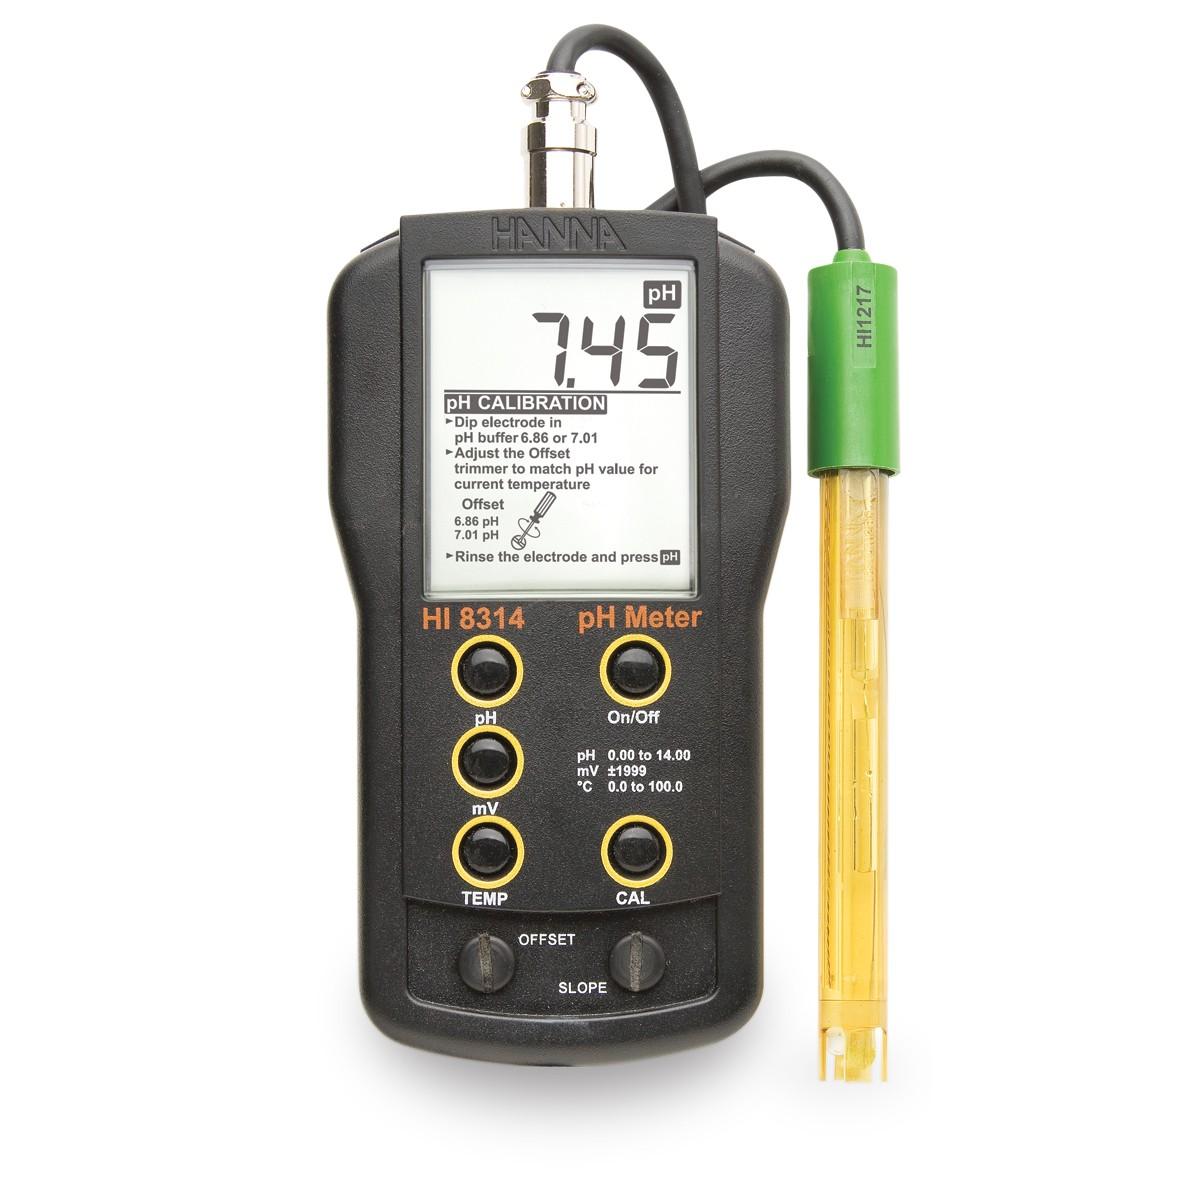 HI8314 - Taşınabilir pH / mV / ° C Ölçer